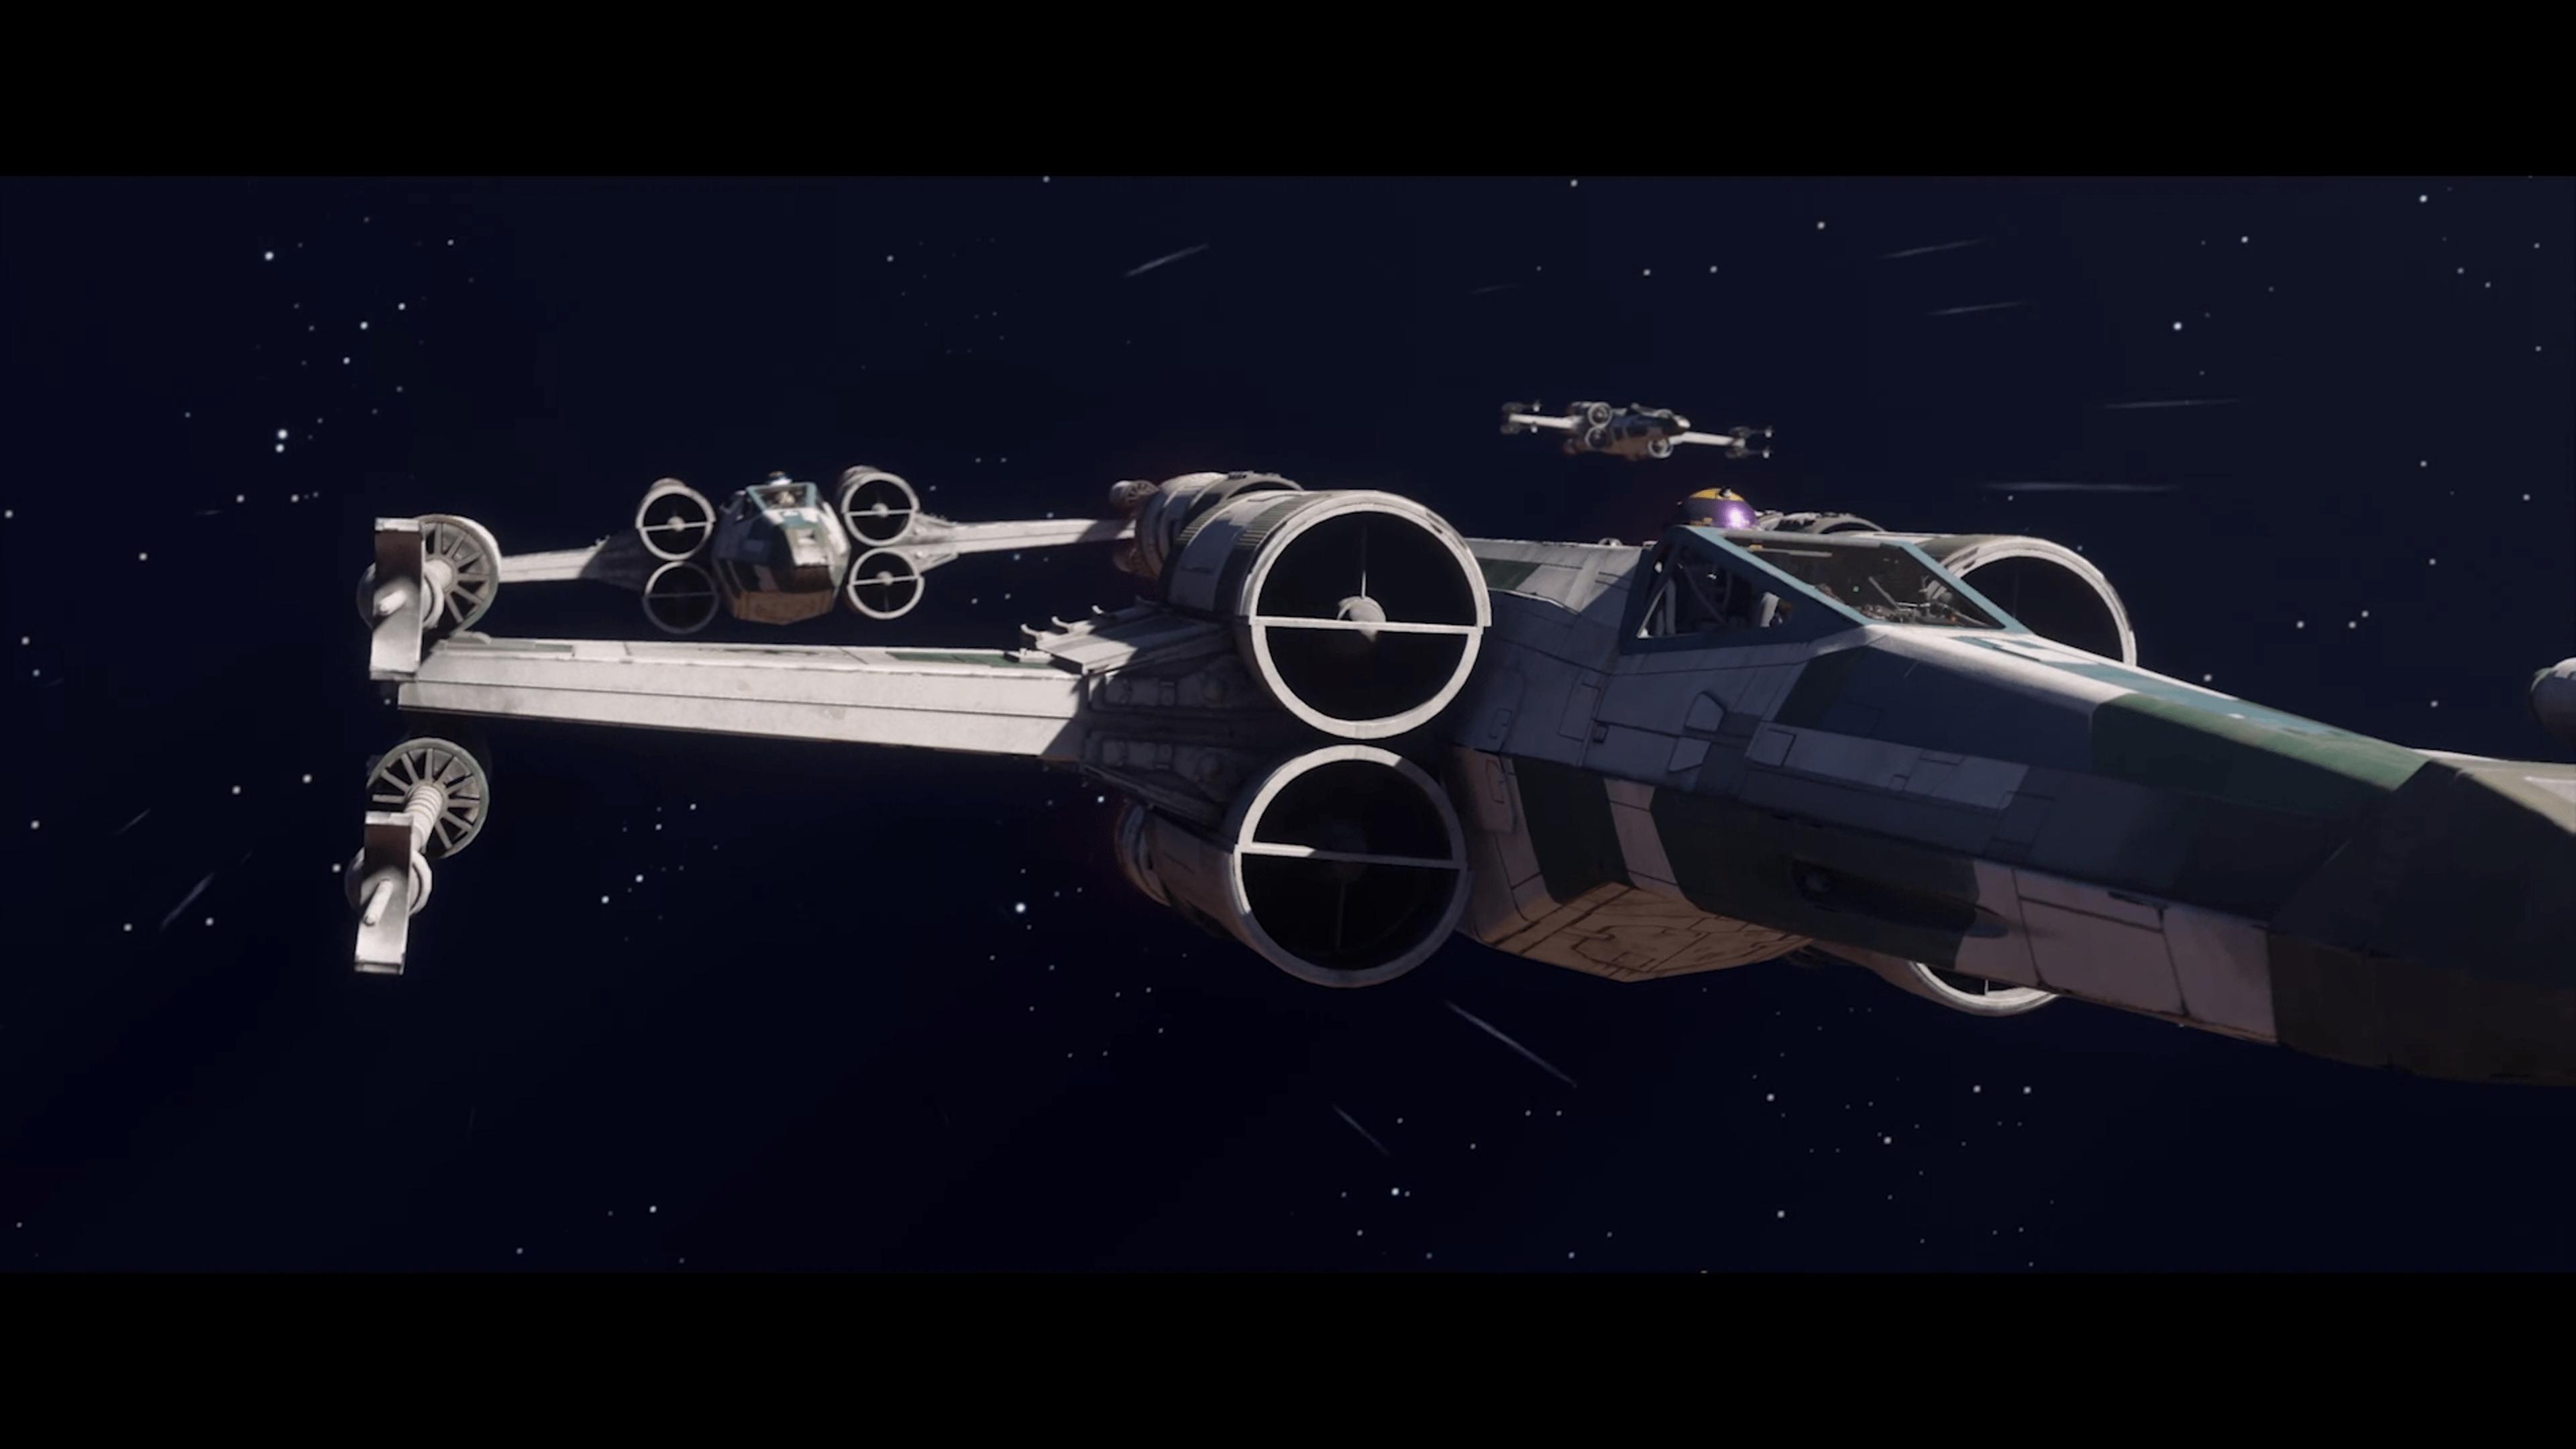 Monter à bord d'un chasseur X-Wing comme Luke Skywalker est maintenant possible avec Star Wars Squadrons.